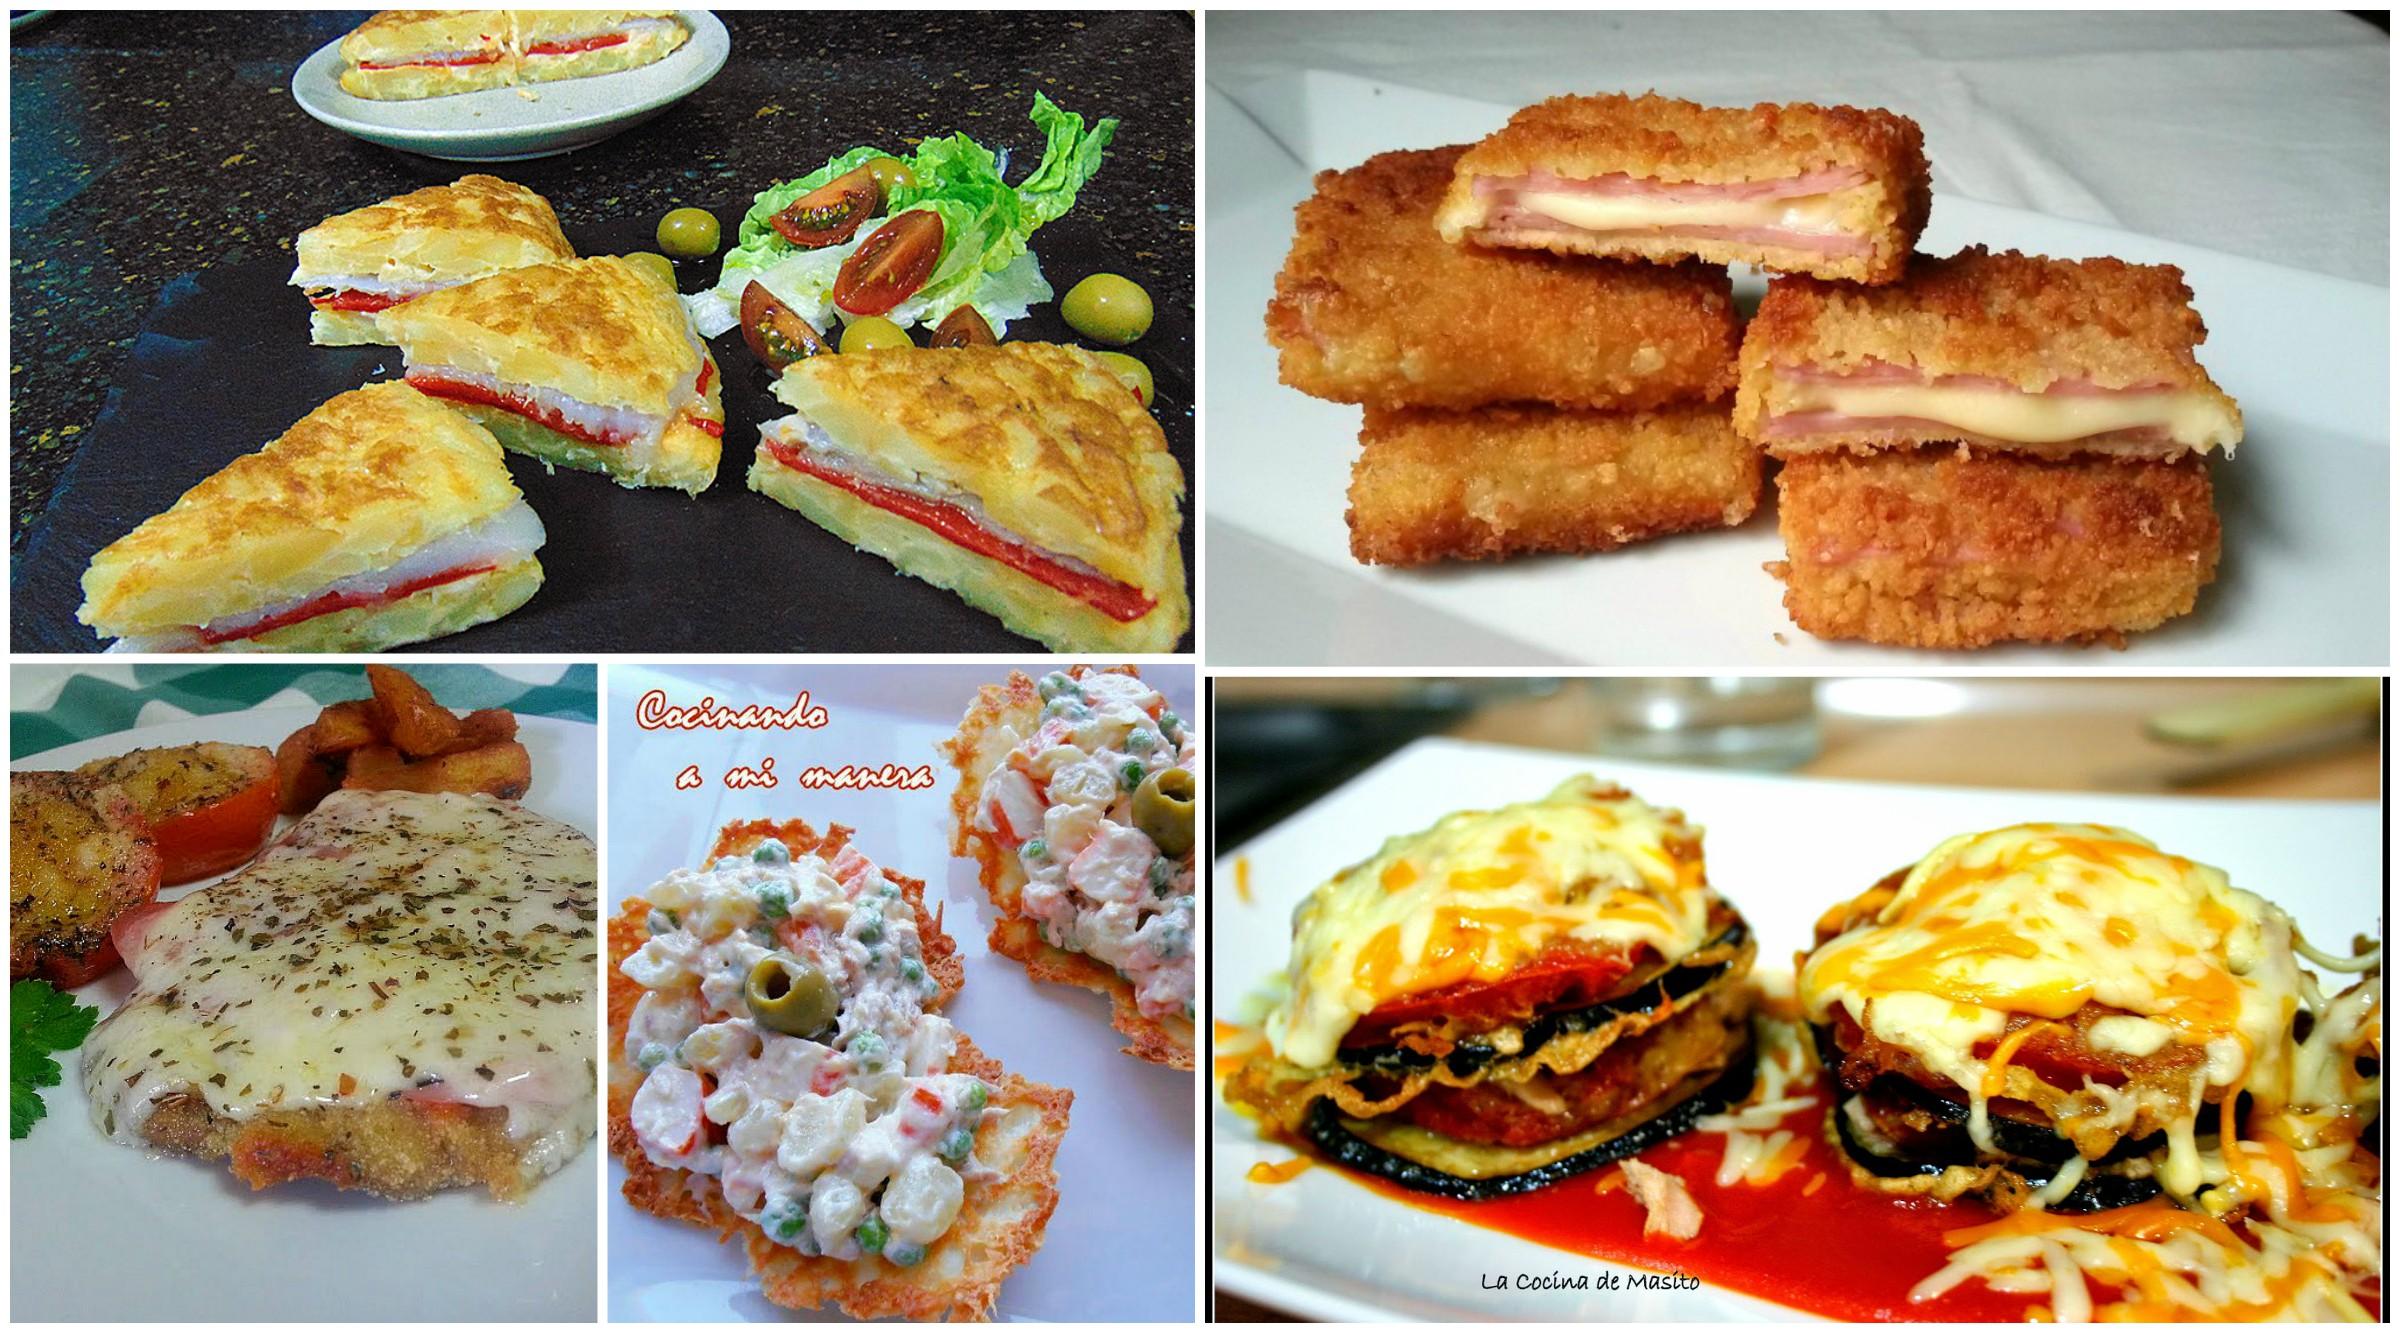 Ideas fáciles para cenar - La Cocina de Pedro y Yolanda